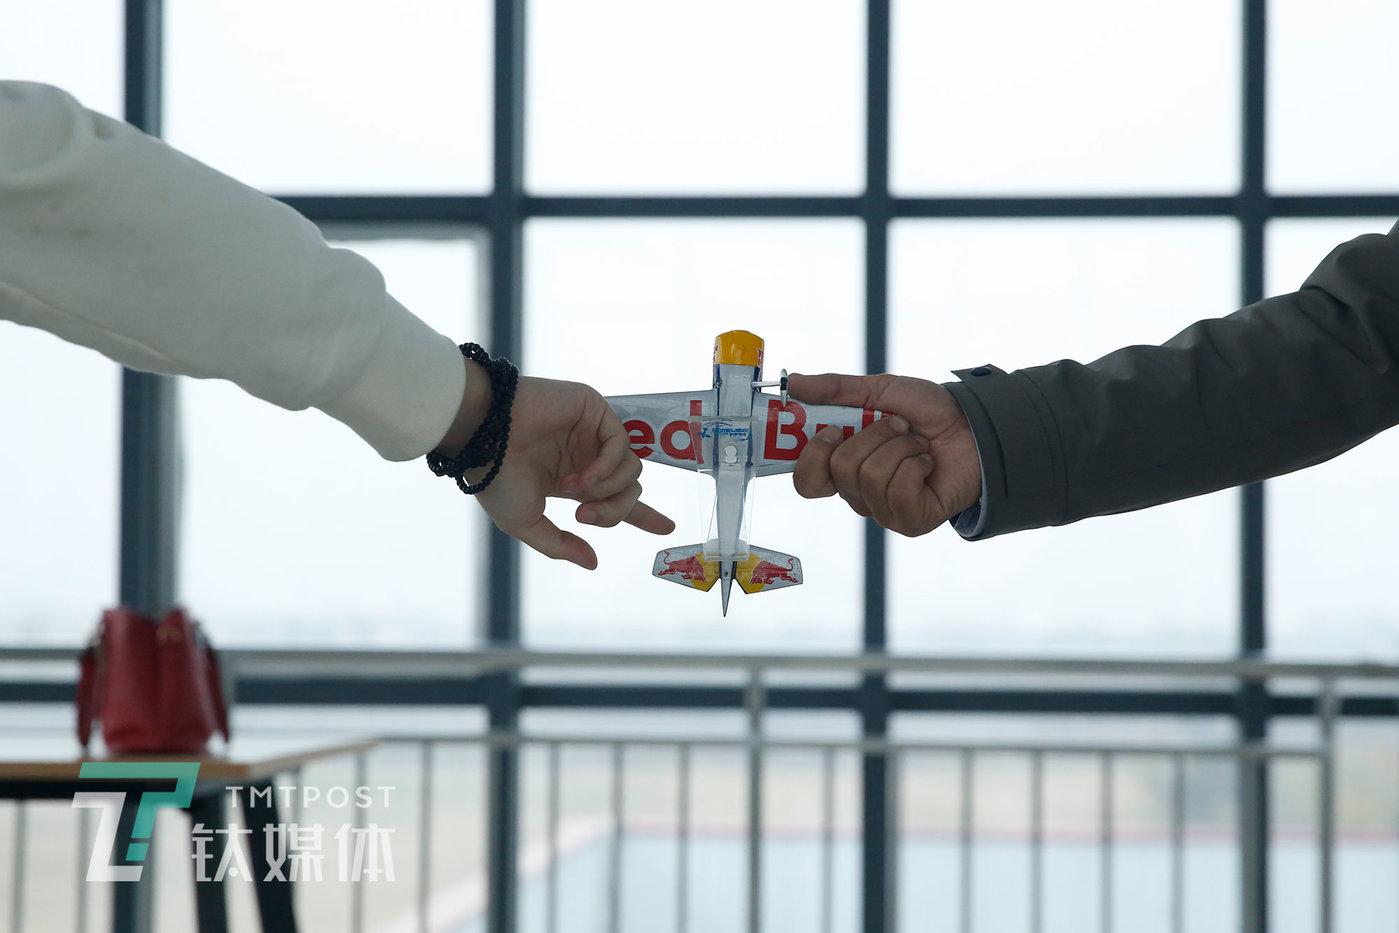 2020年11月14日,飞行理论课教学上,教练用飞机模型做演示。